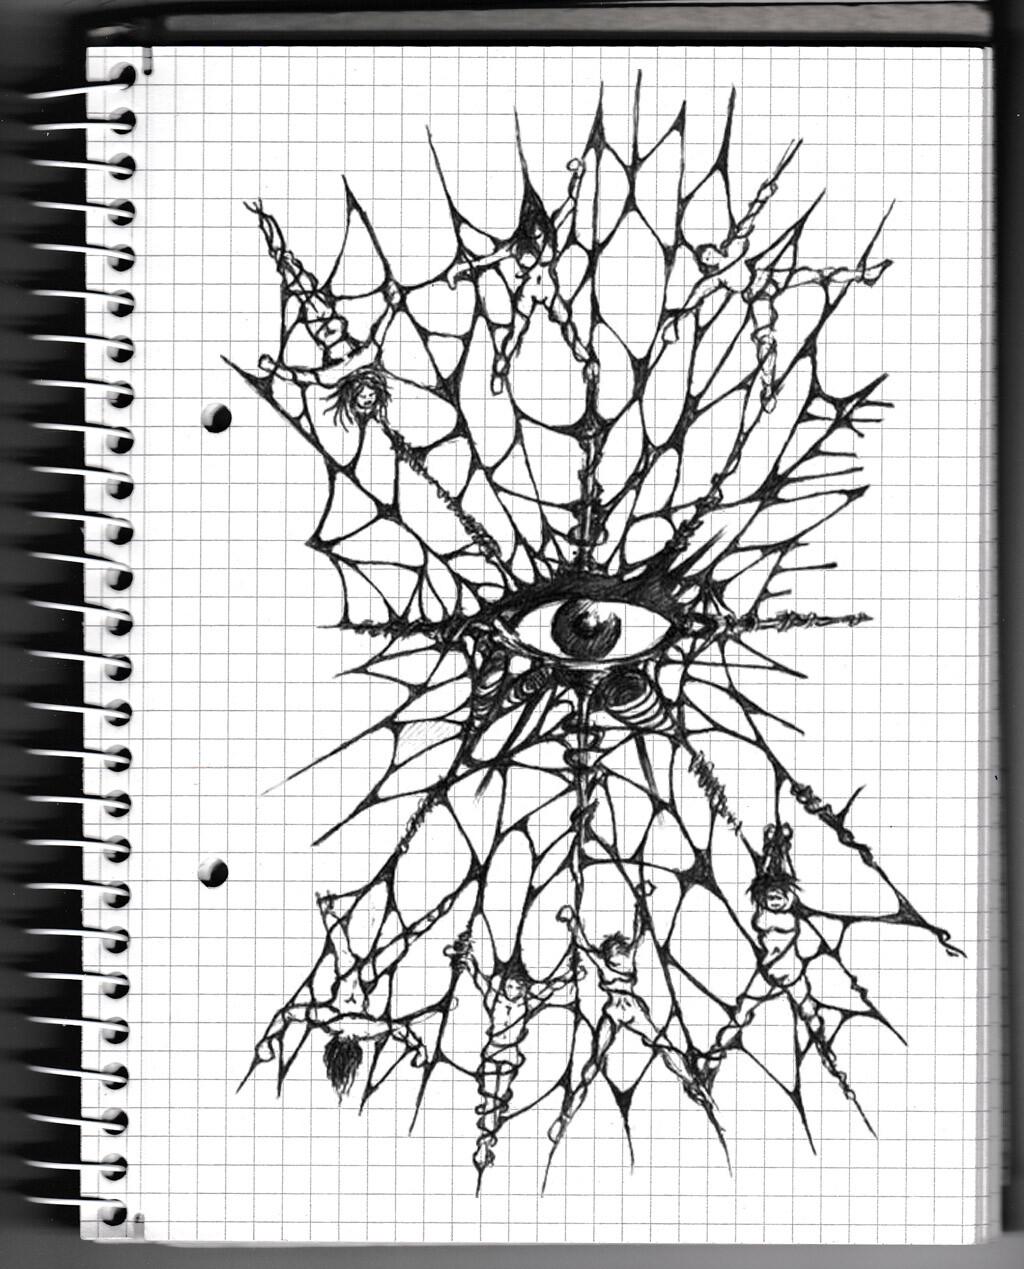 character, sketch, pencil, monster, creature, psychodelic